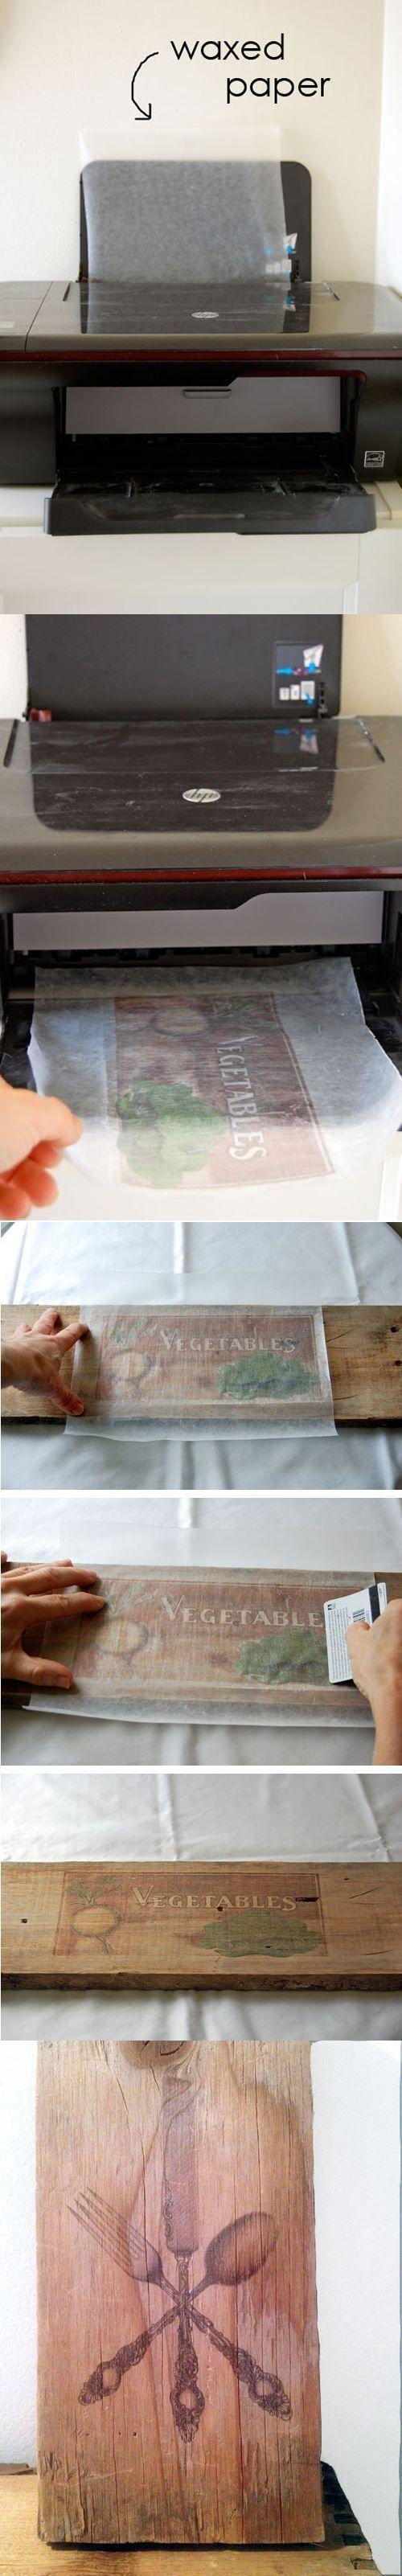 Transférer une photo sur un bloc de bois: La plus simple et rapide des méthodes!